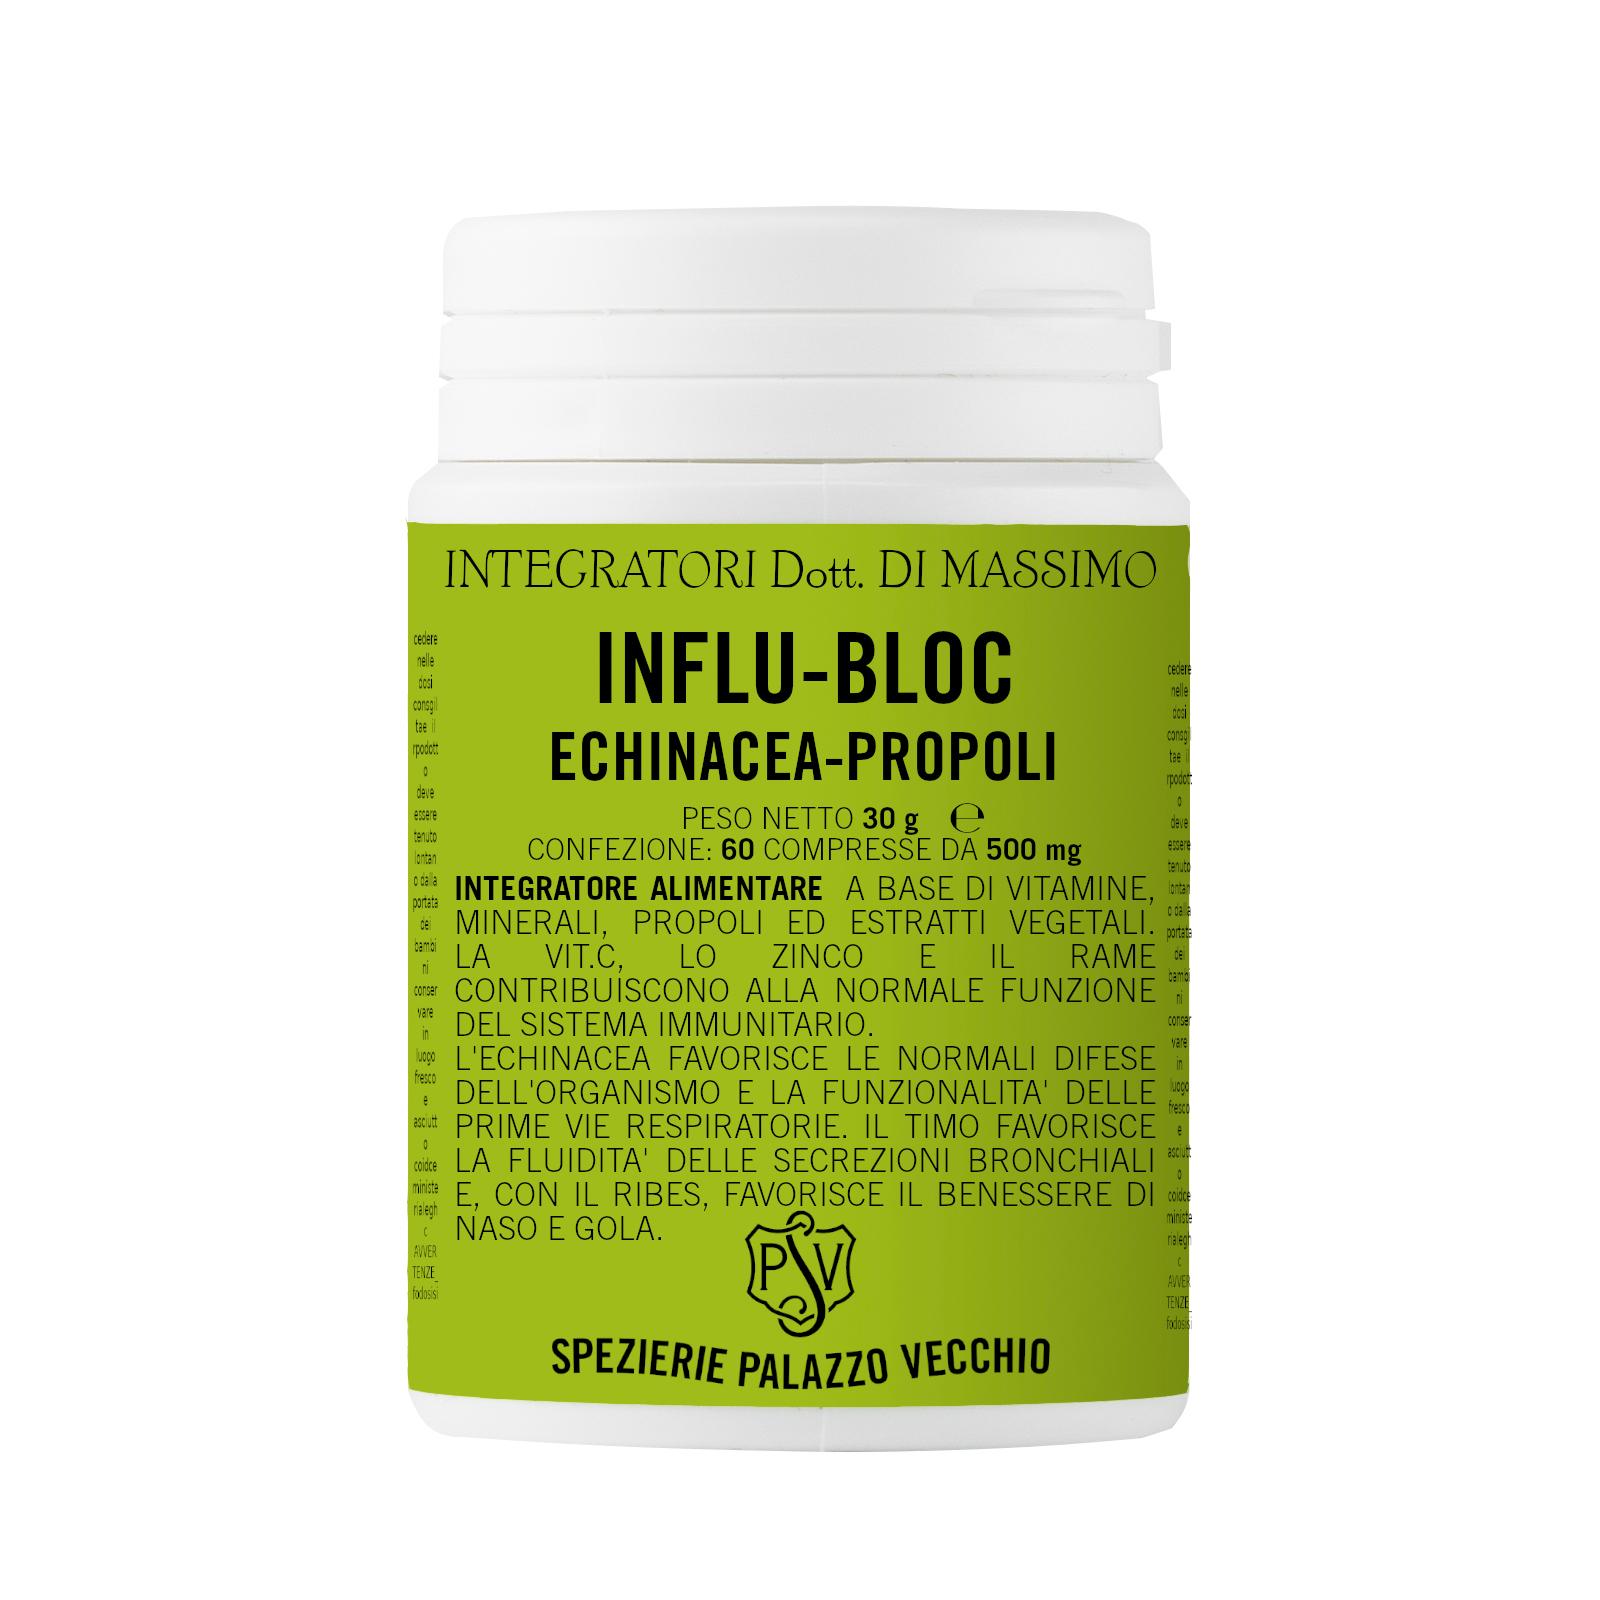 INFLU - BLOC Echinacea - Propoli-0